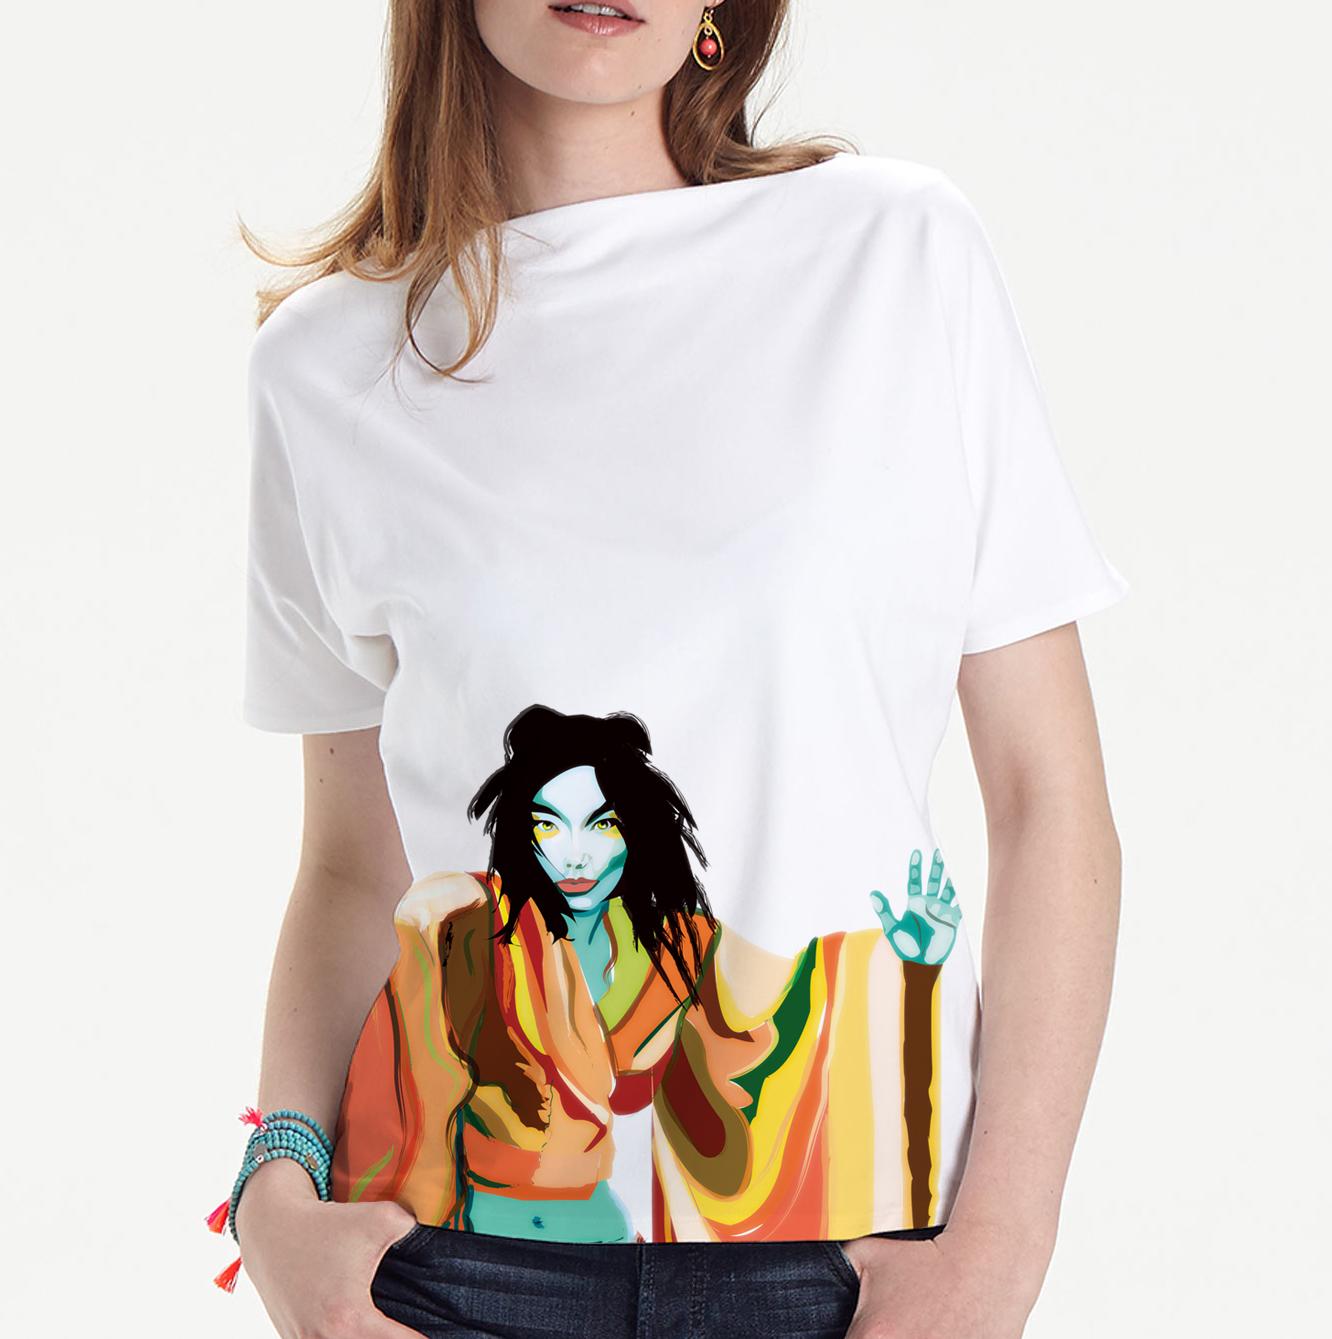 Bjork t-shirt.jpg